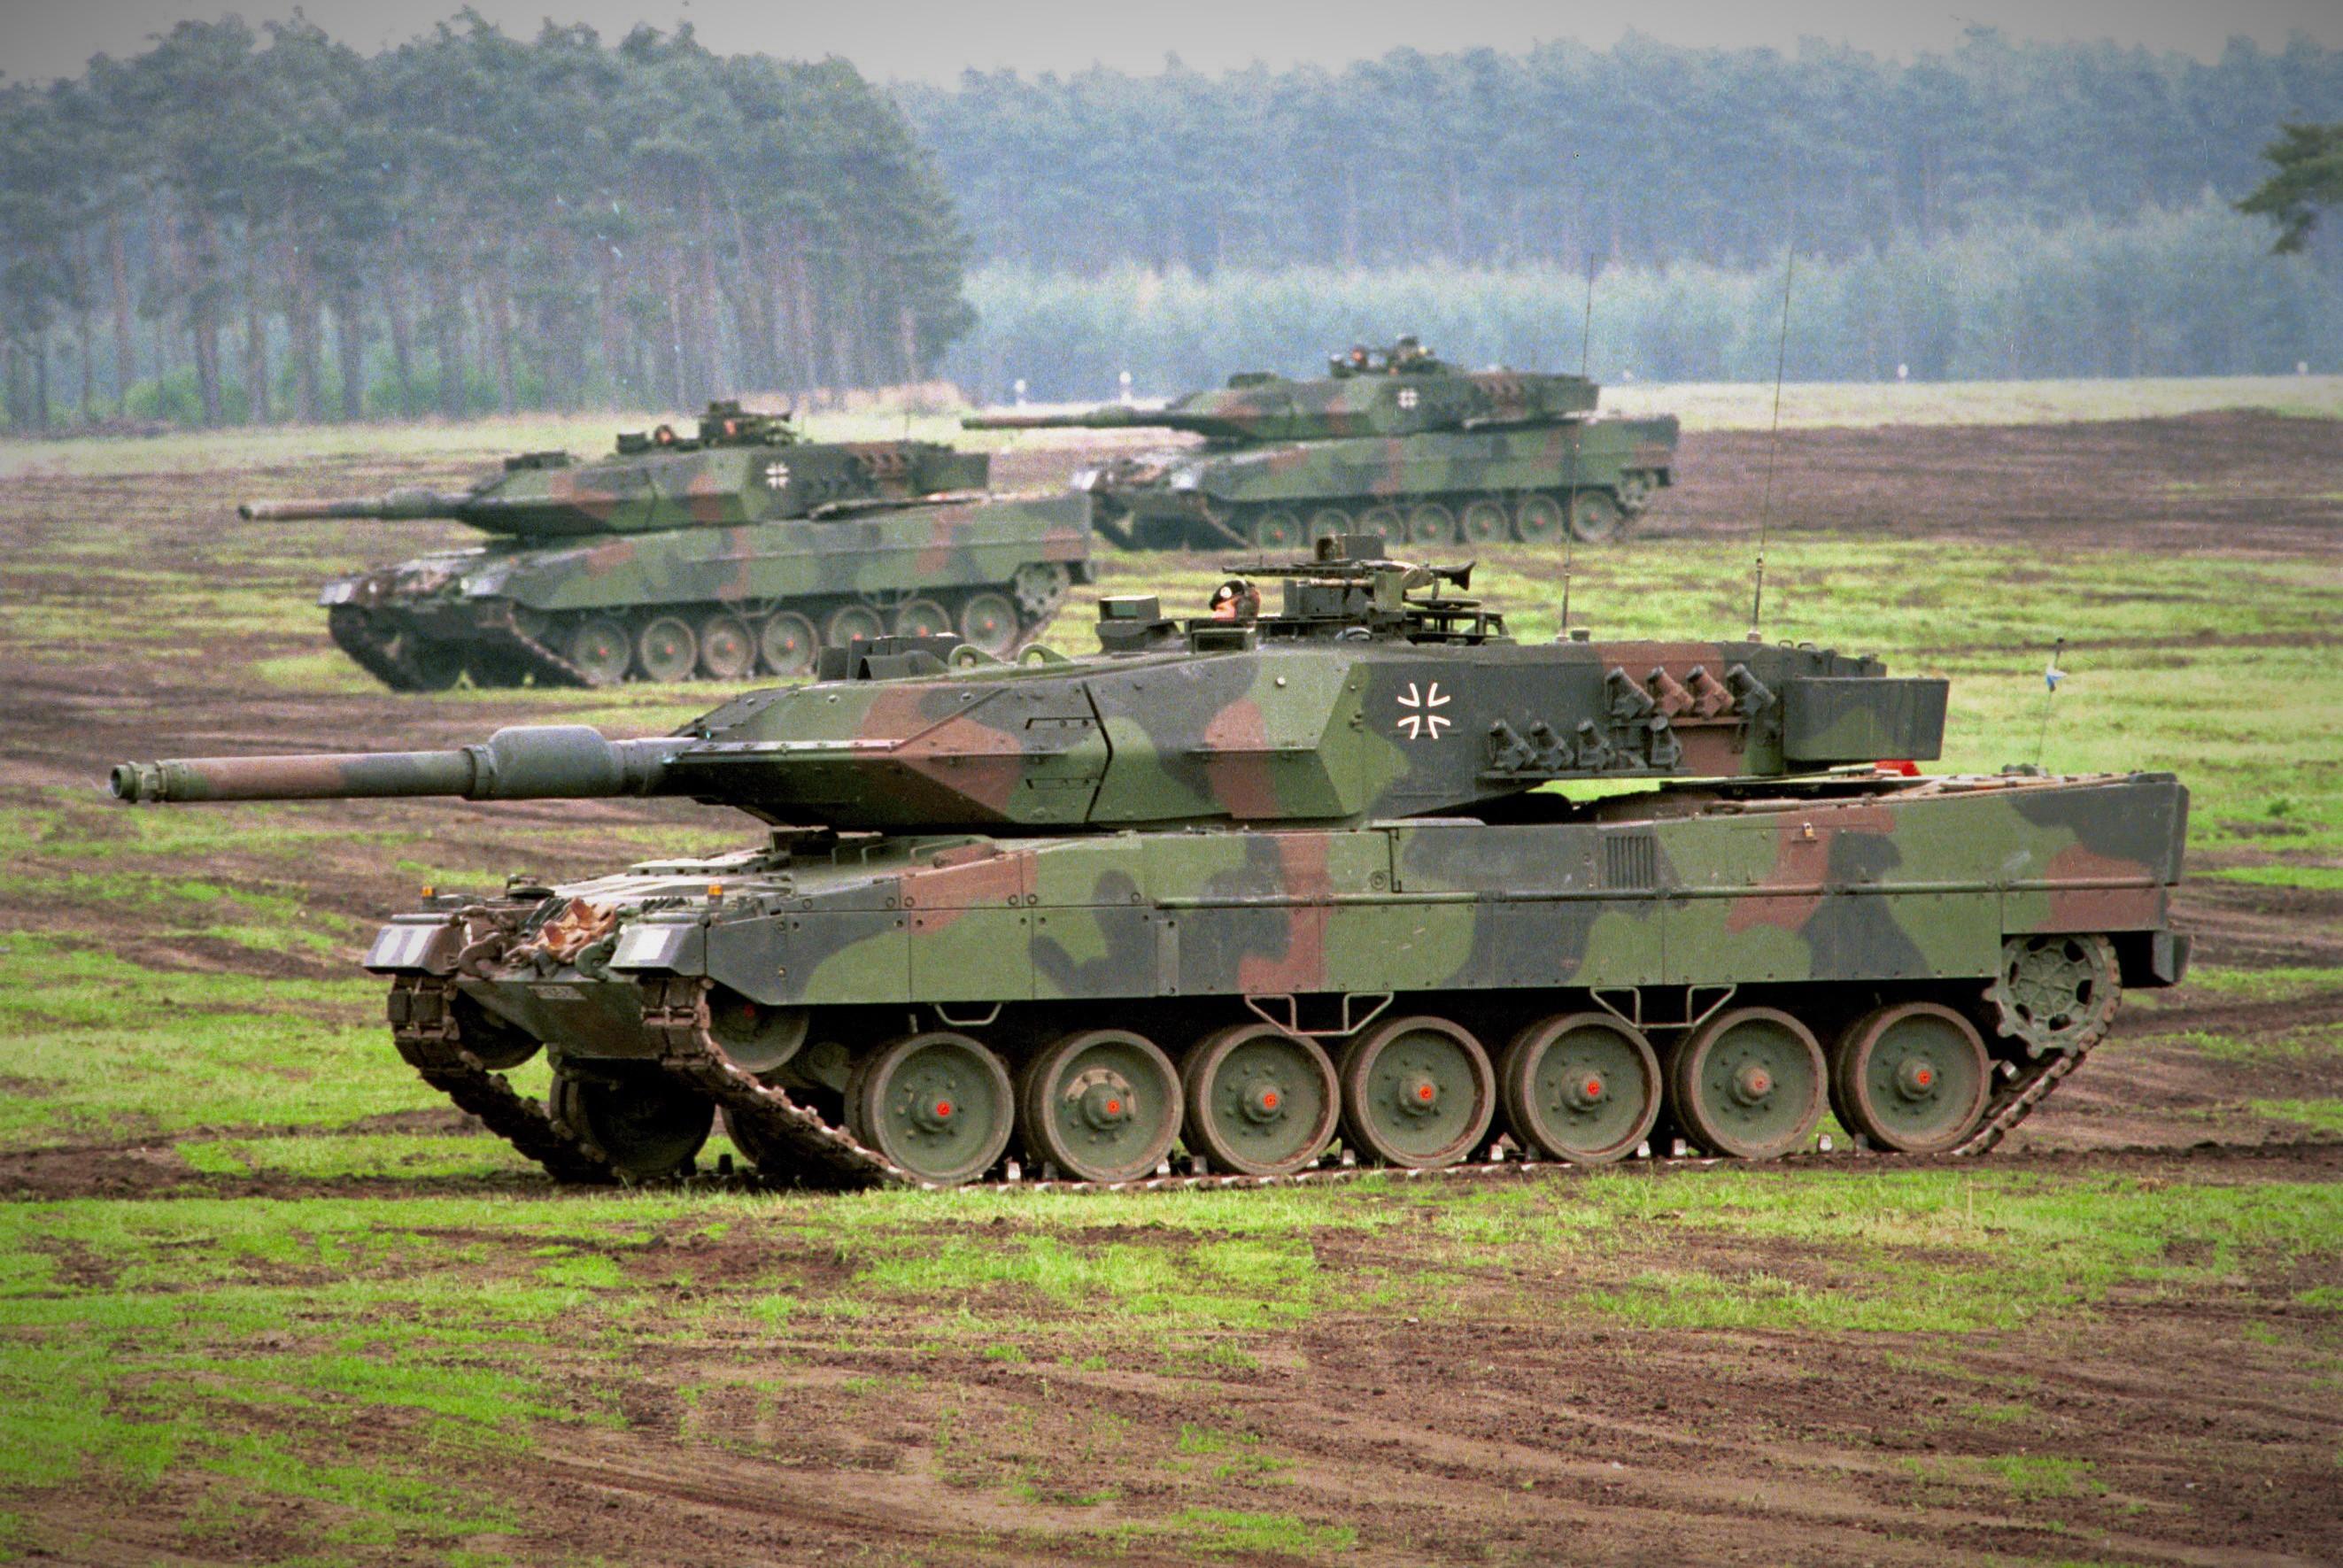 Ejército de Chile negocia la compra de tanques Leopard 2A5